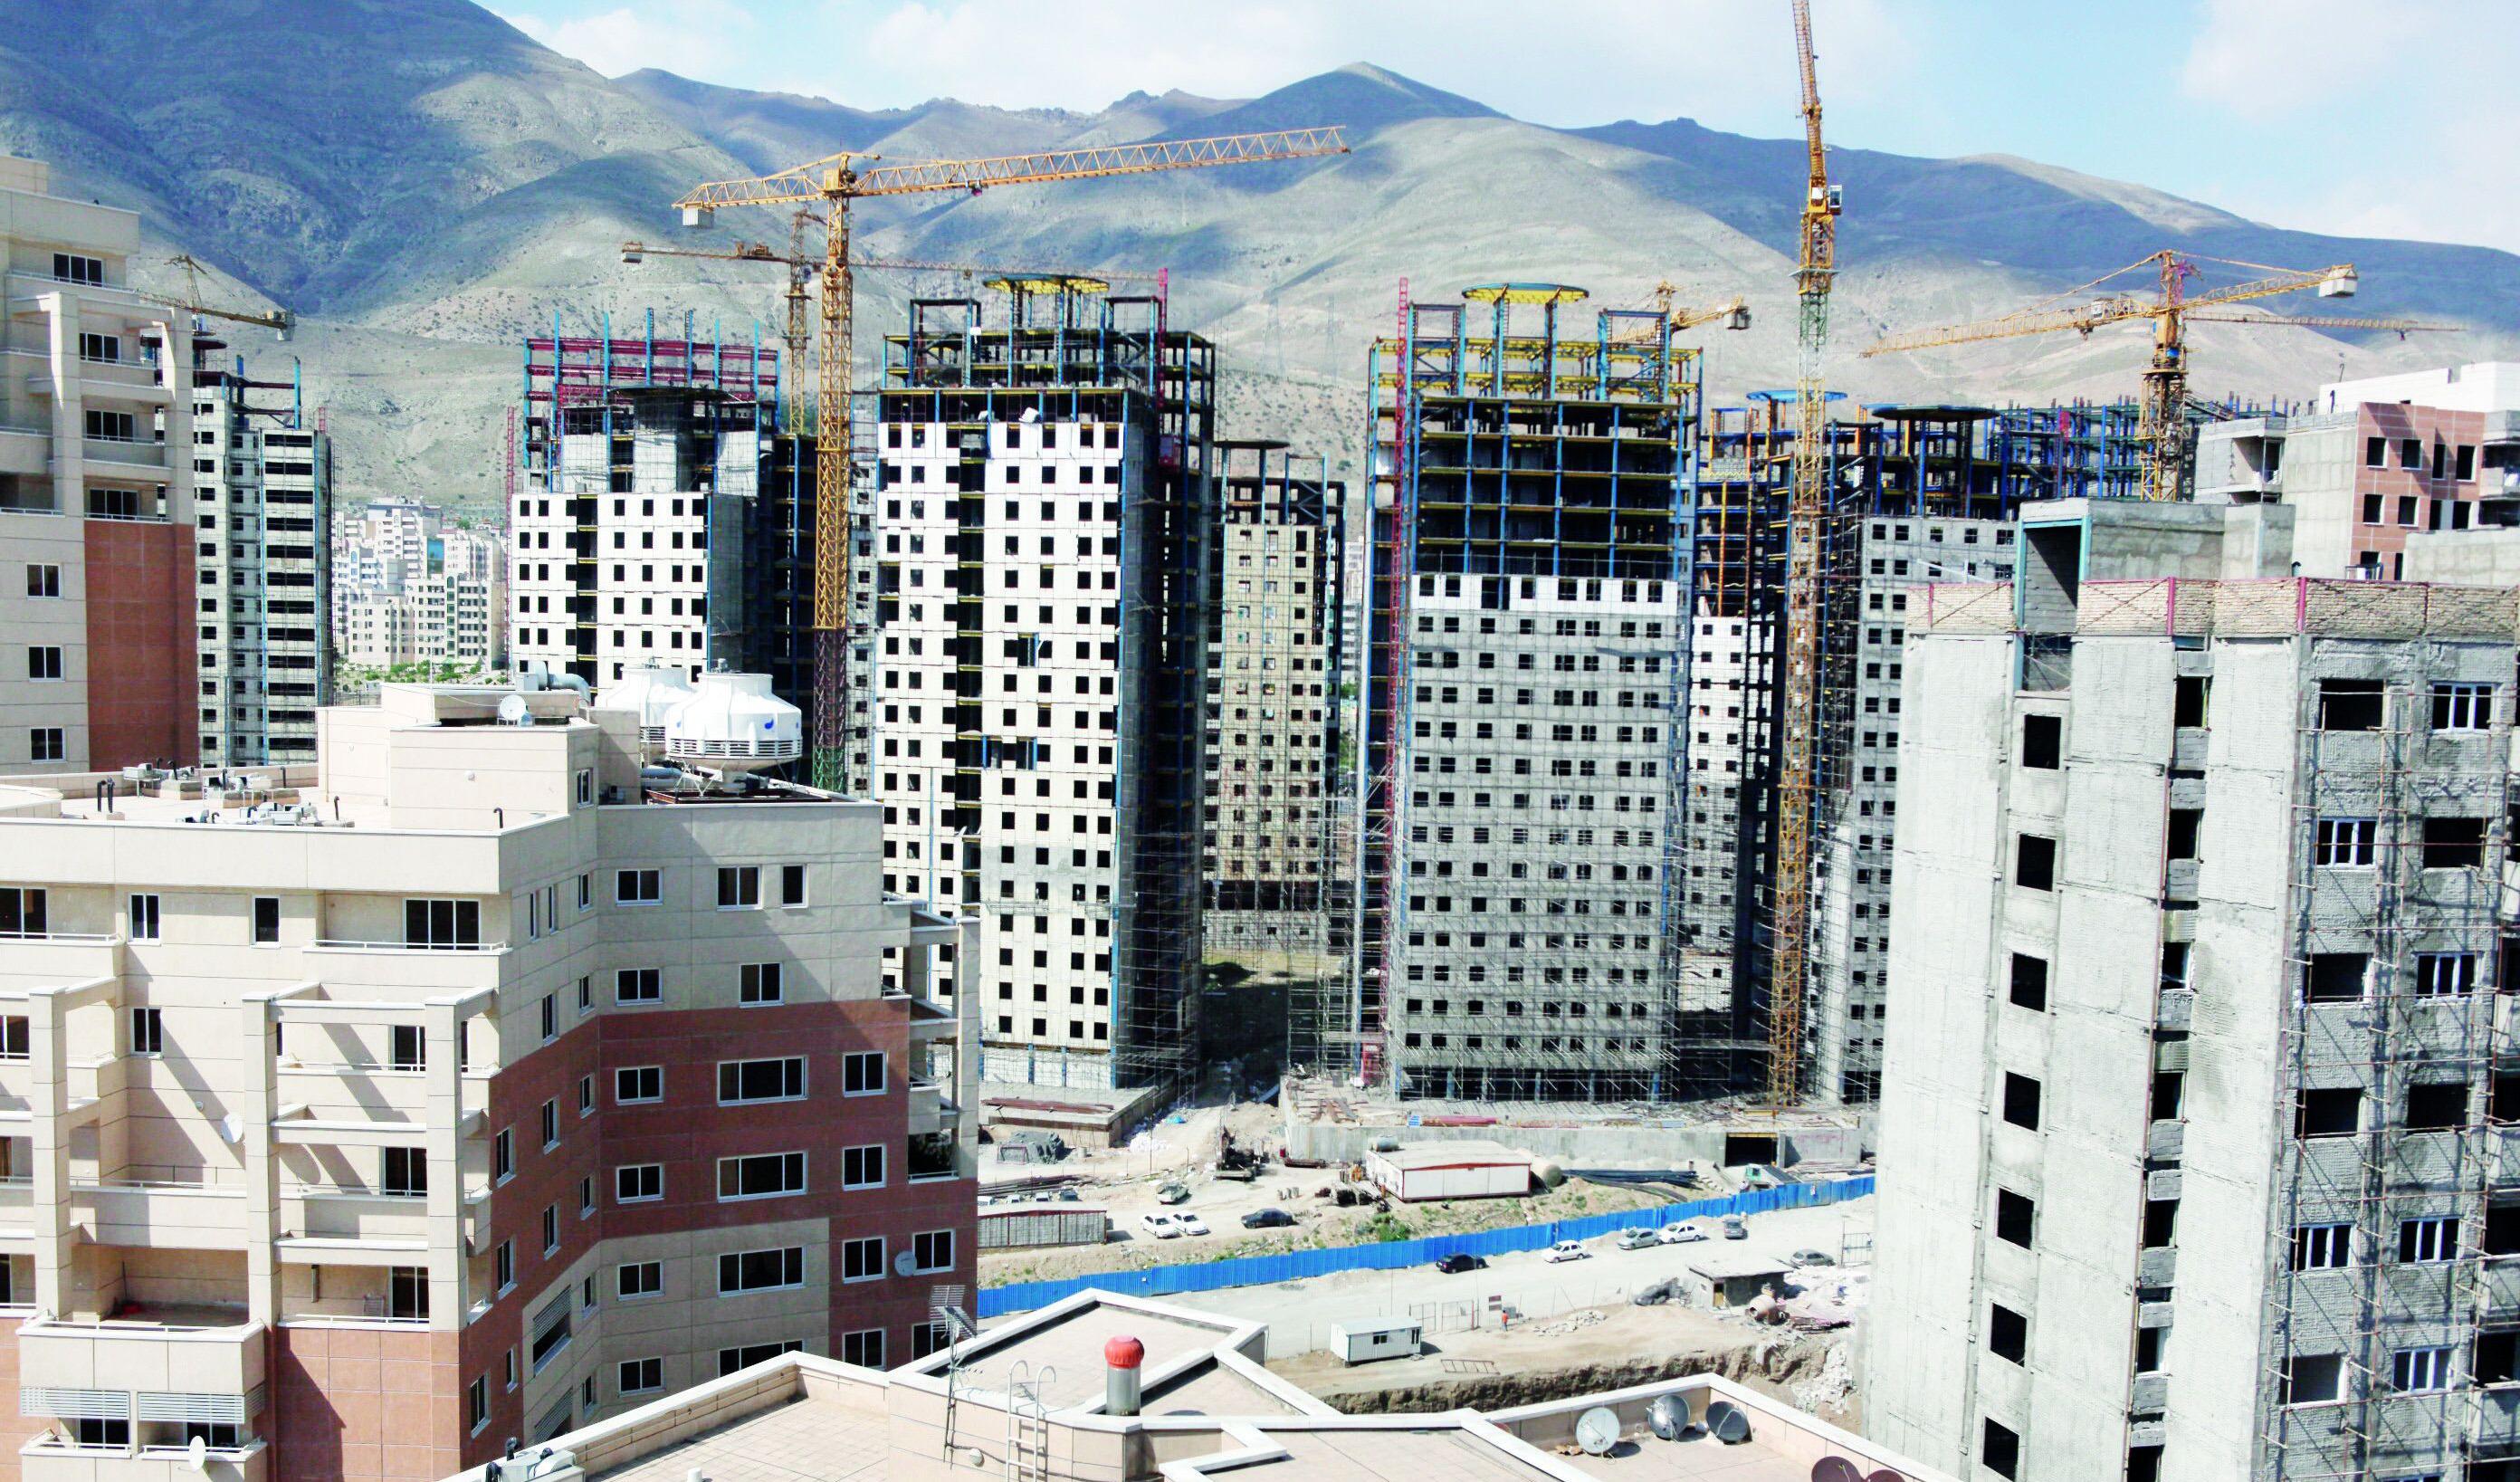 قیمت کدام واحدهای مسکونی متری ۱۰ میلیون تومان کاهش یافت؟